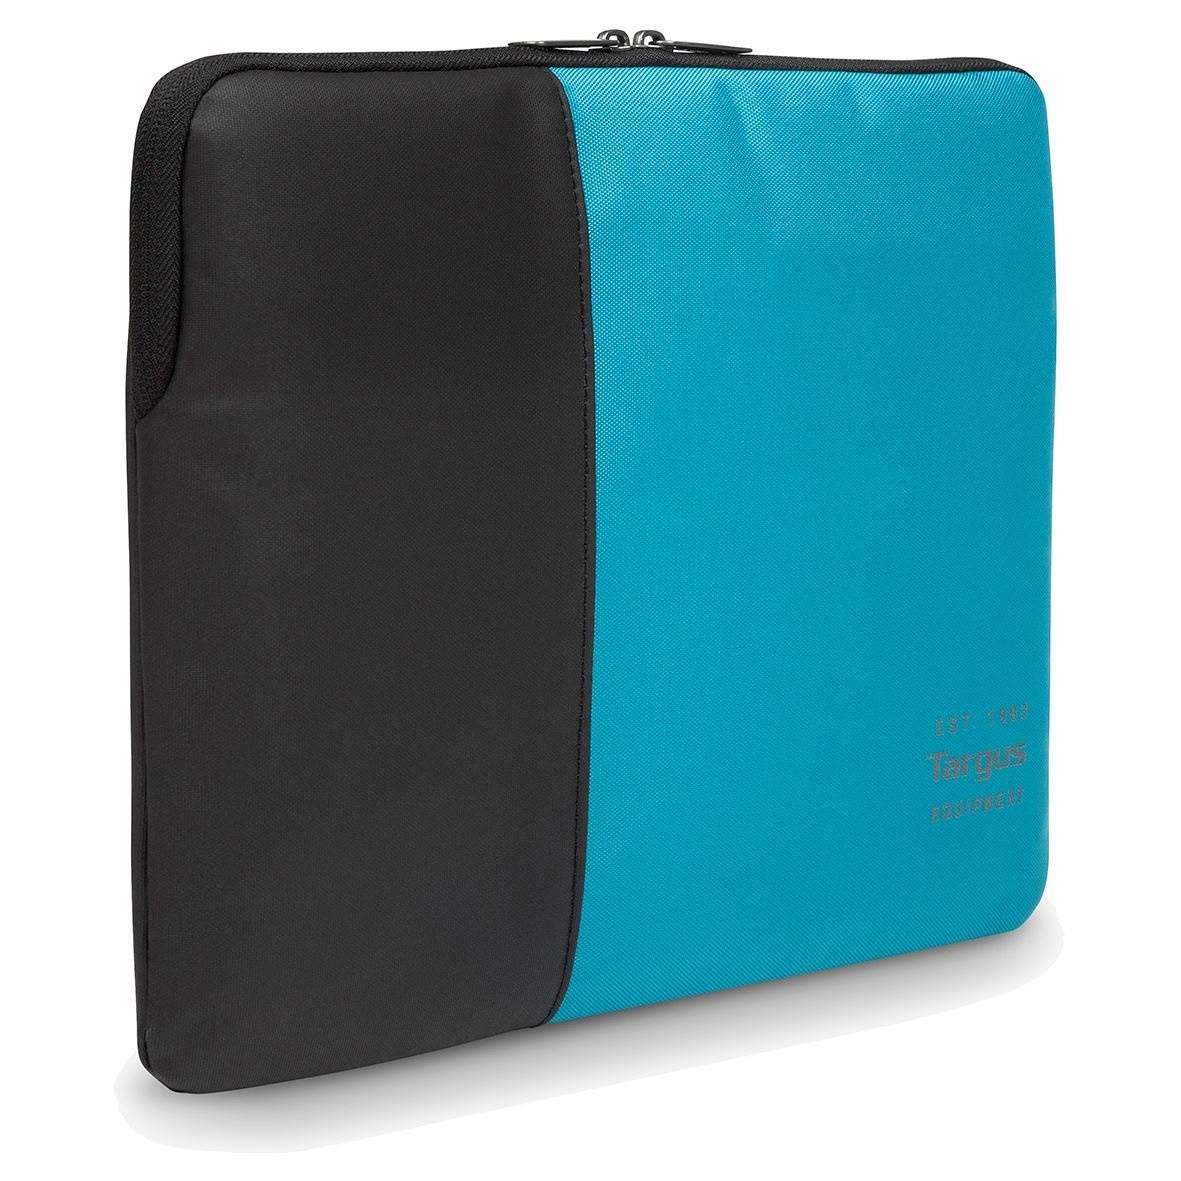 """Чехол для ноутбука 15.6"""" Targus TSS95102EU черный/синий - фото 3"""